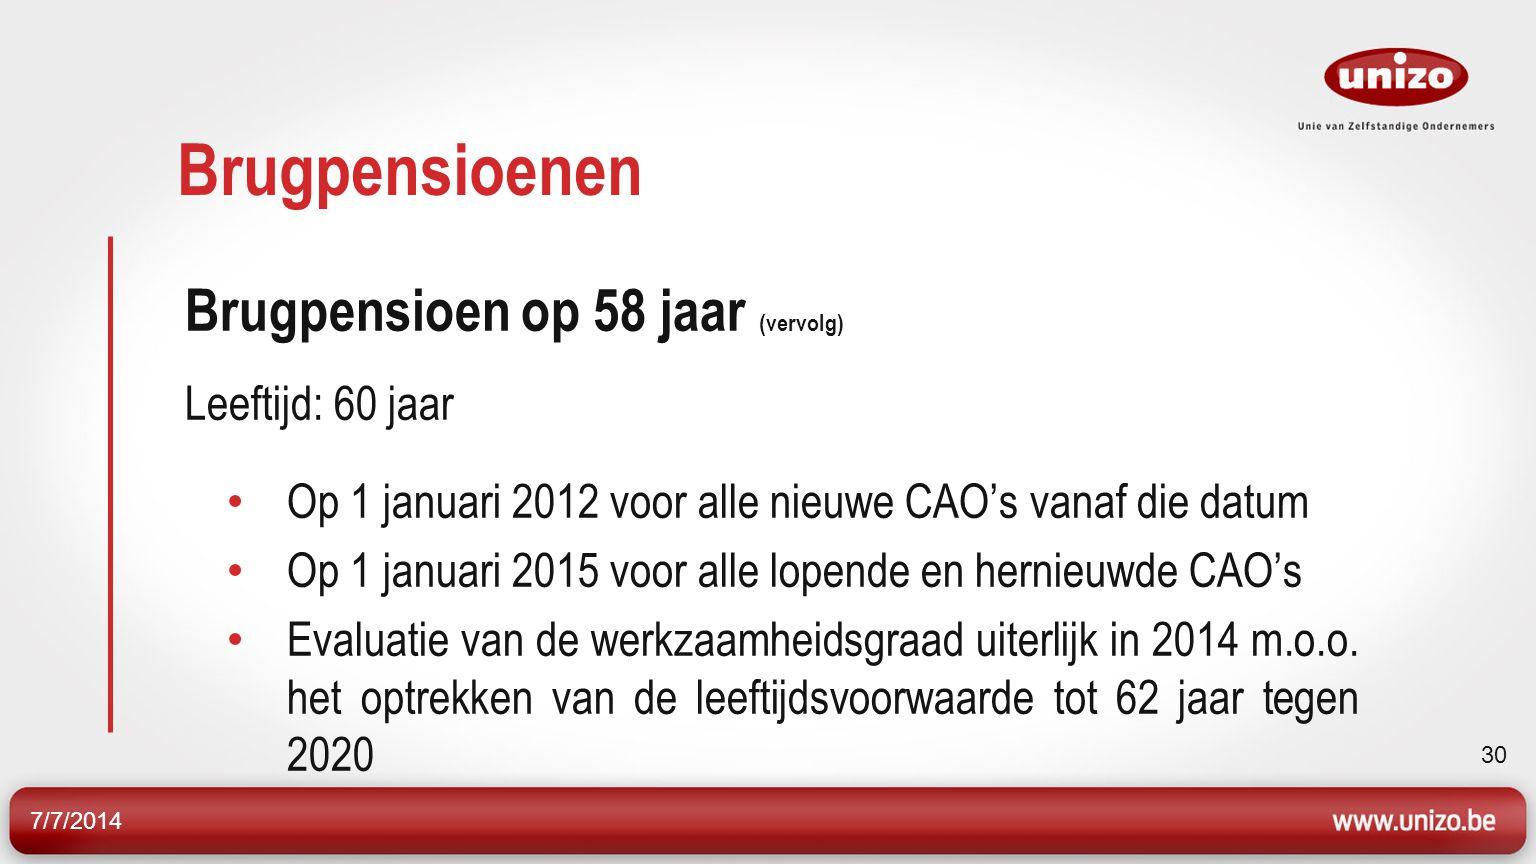 7/7/2014 31 Brugpensioenen Brugpensioen in het kader van een collectief ontslag Bedrijven in moeilijkheden Minimumleeftijd komt op 52 jaar in 2012 Geleidelijk opgevoerd tot 55 jaar in 2018